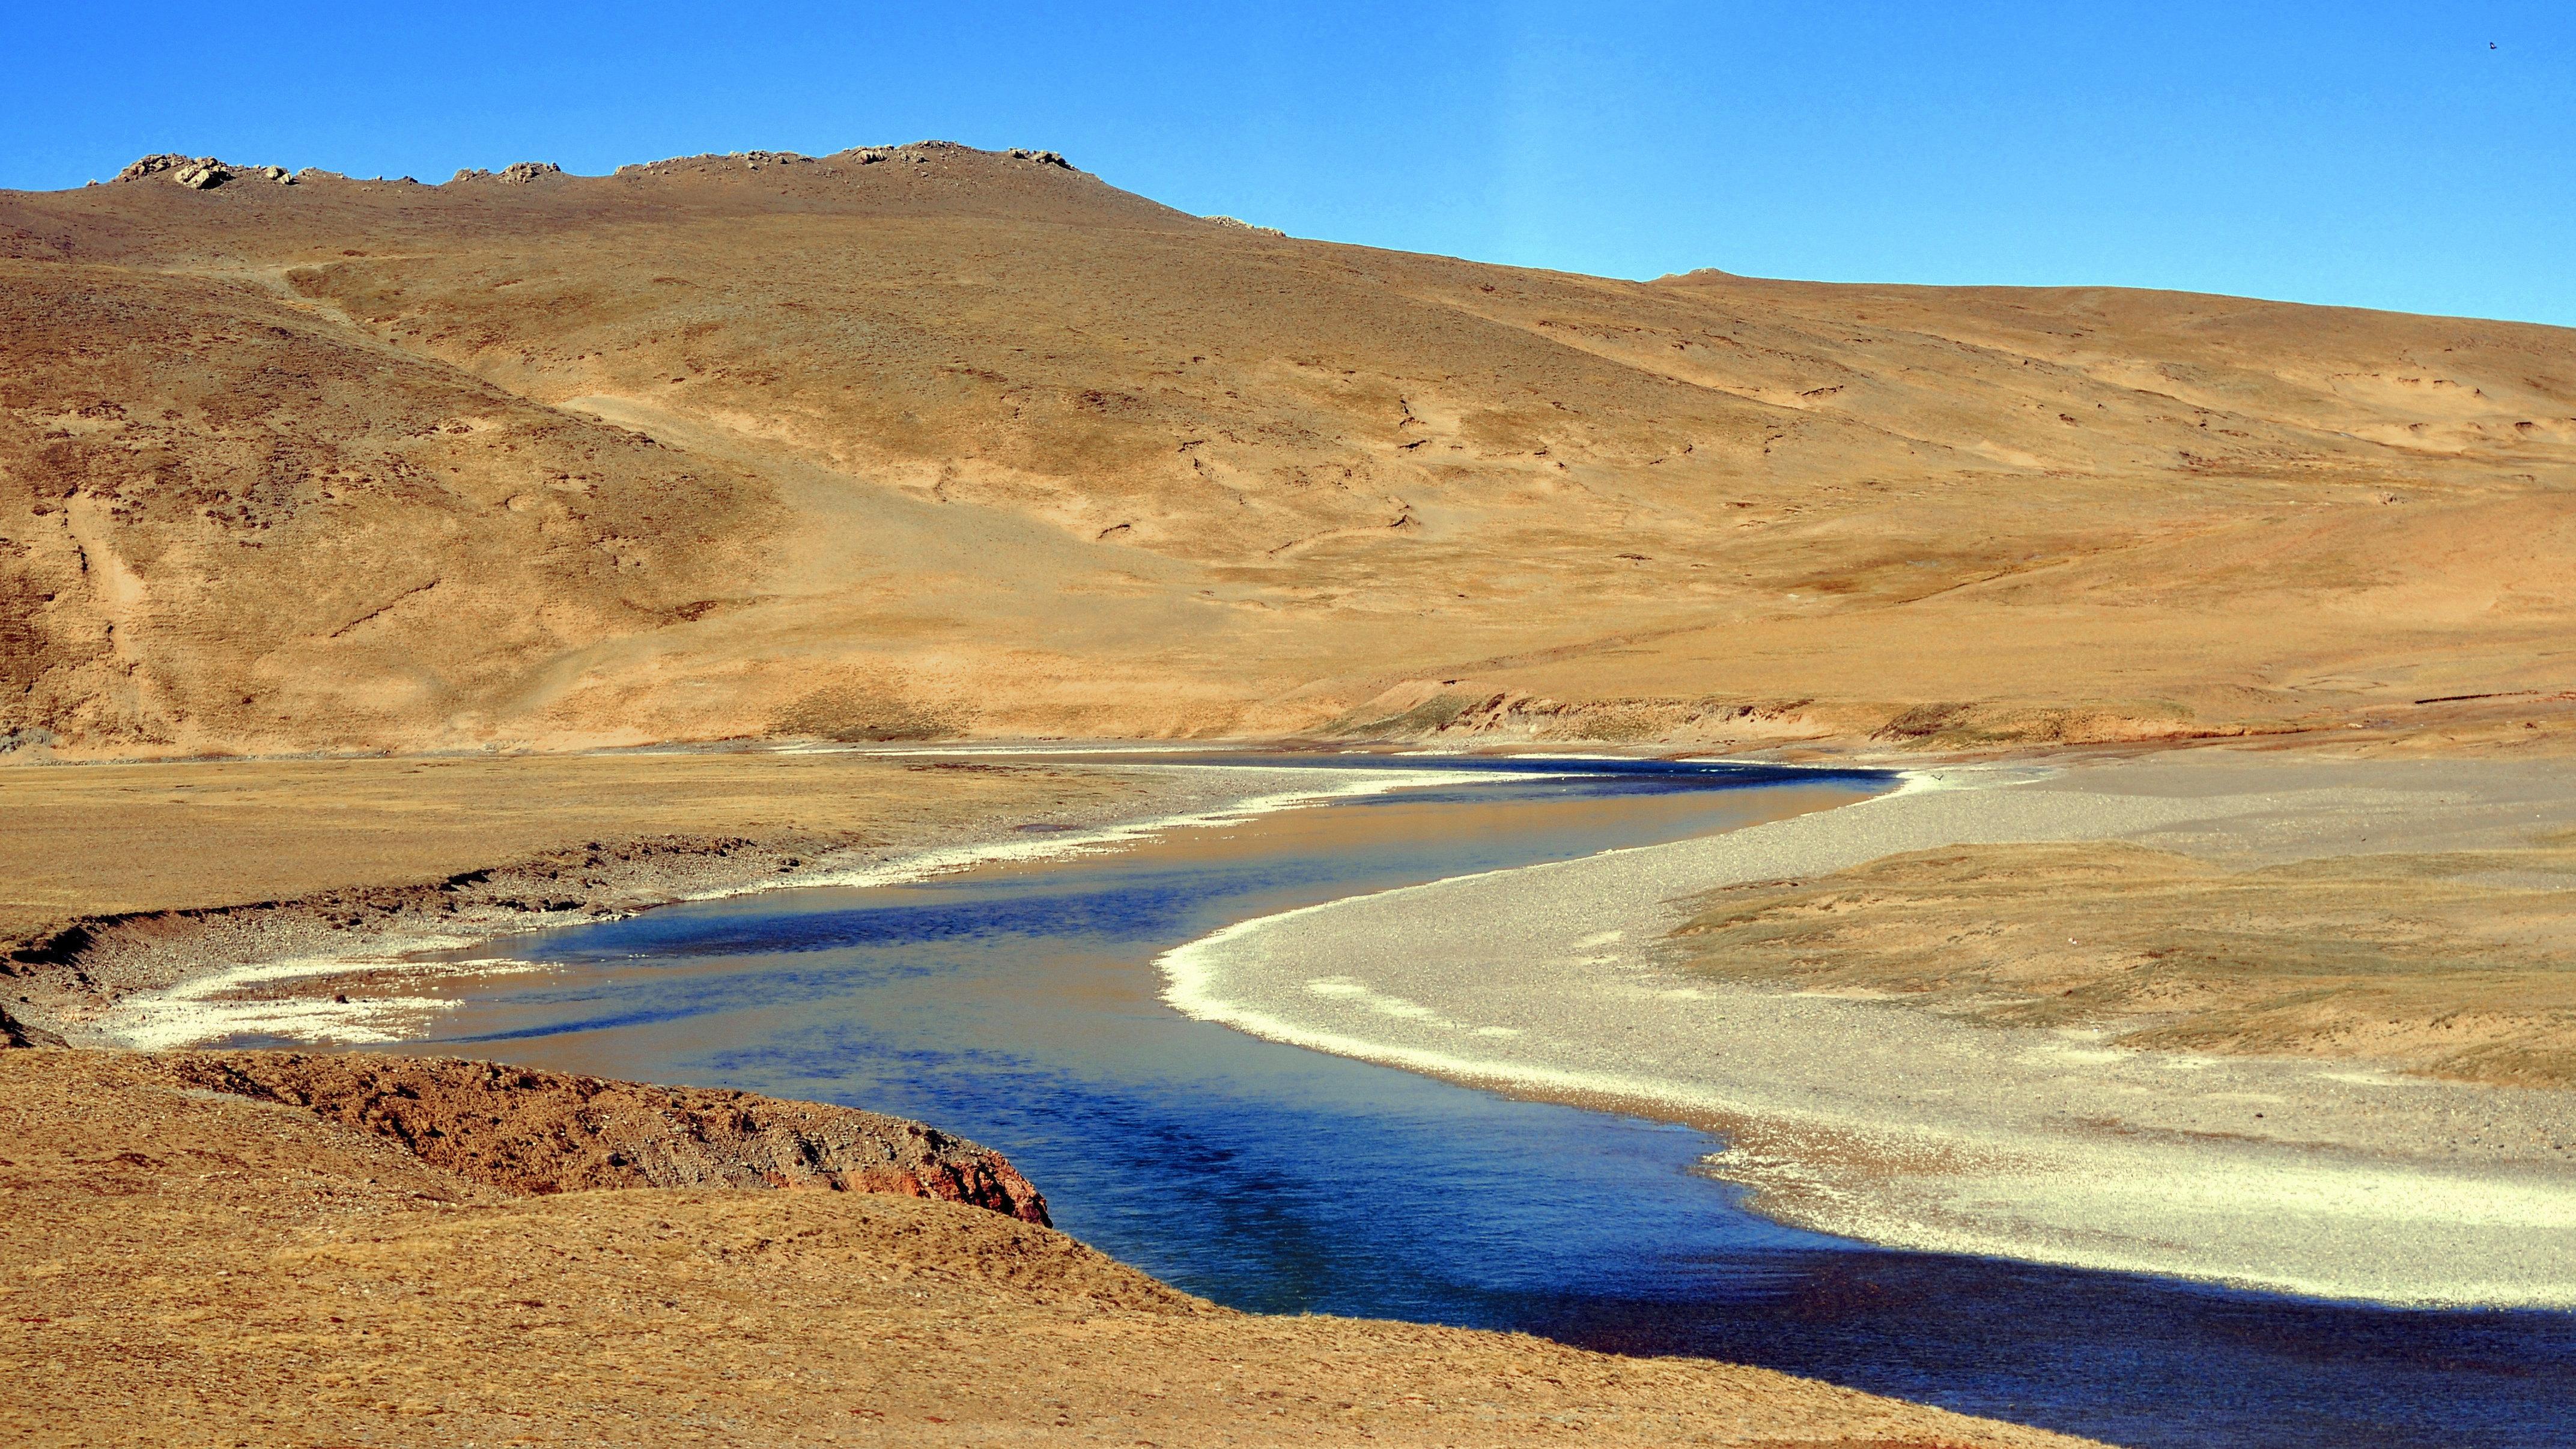 那曲藏北无人区旅游景点简介,图片,旅游信息推荐-2345